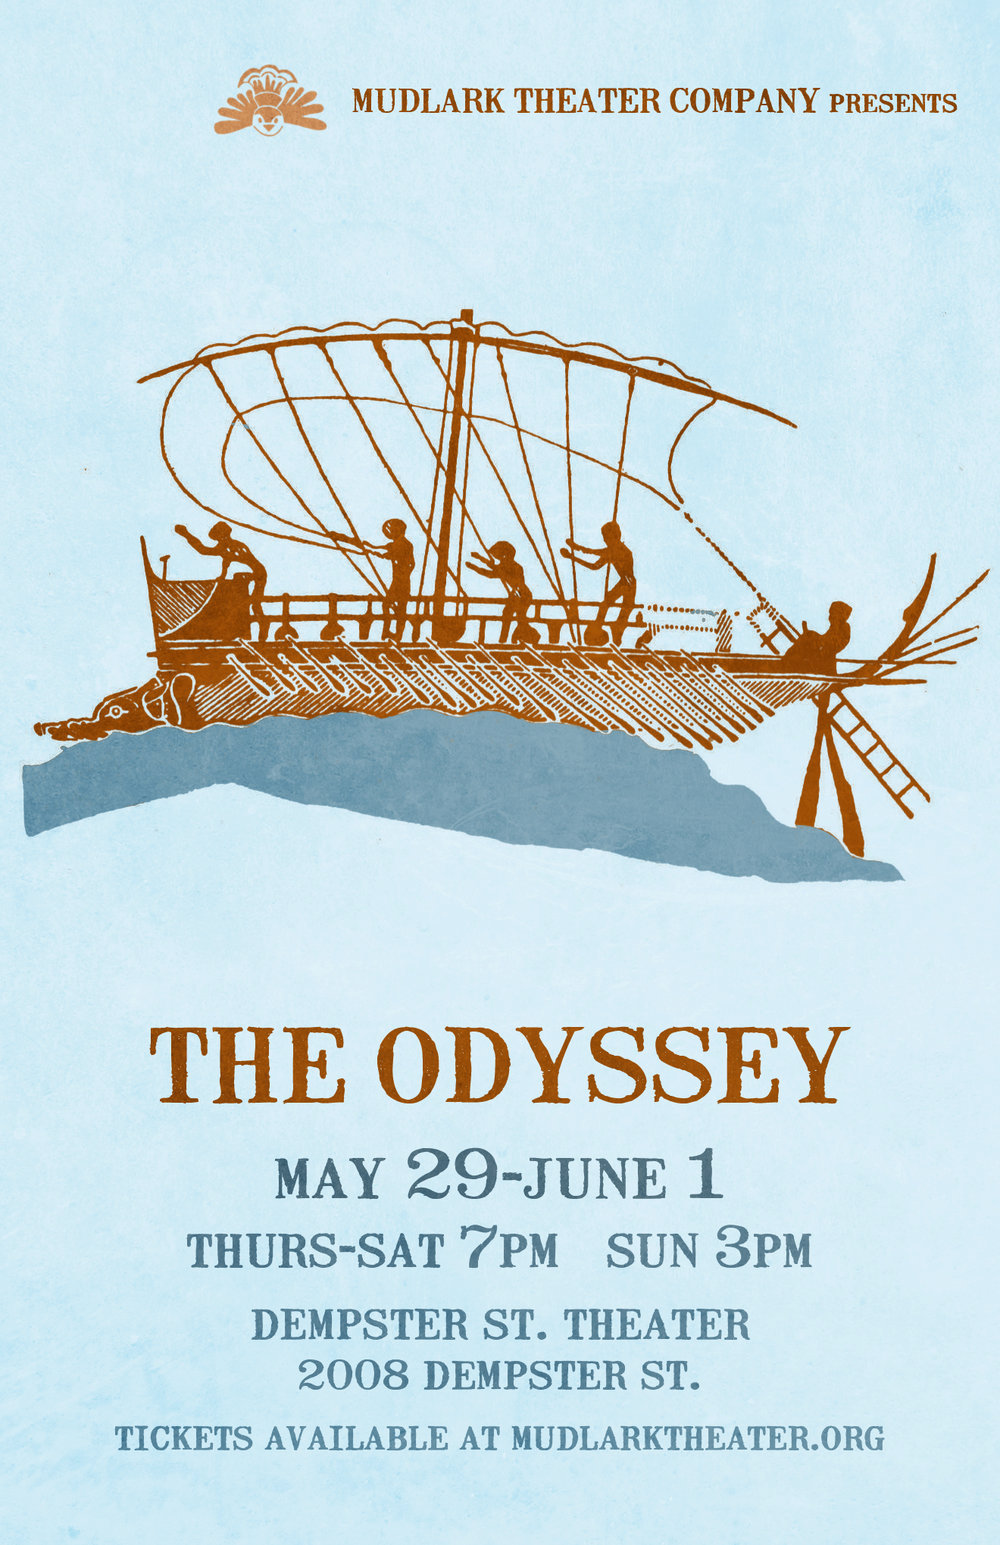 Odyssey_Poster.jpg